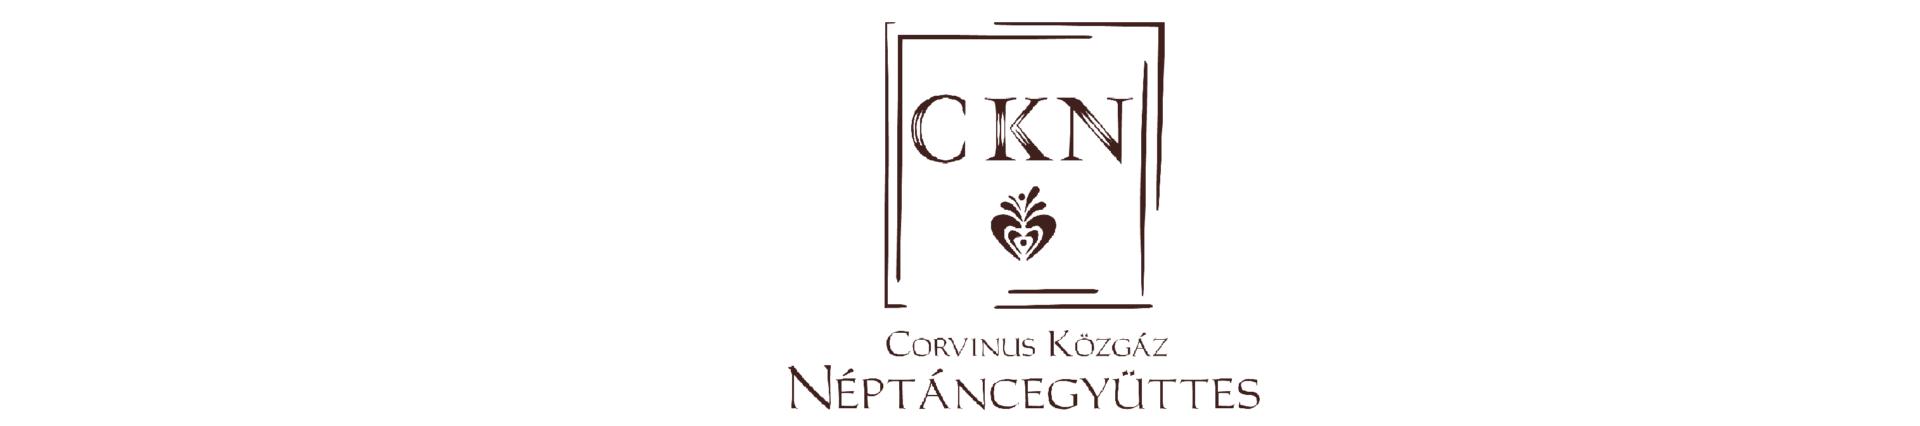 Corvinus Közgáz Néptánc